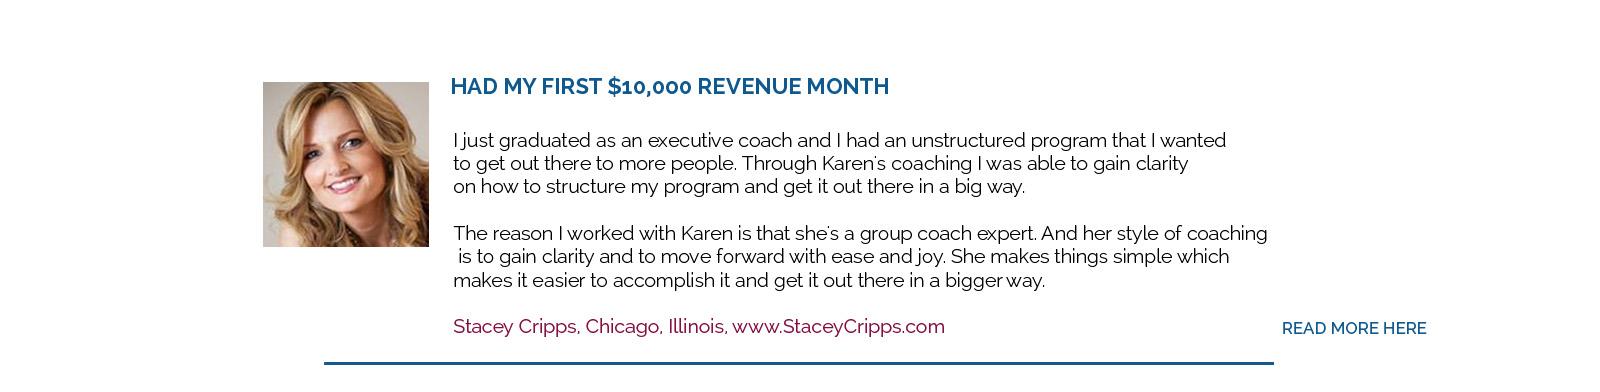 Stacey Cripps testimonial for Karen Cappello MCC